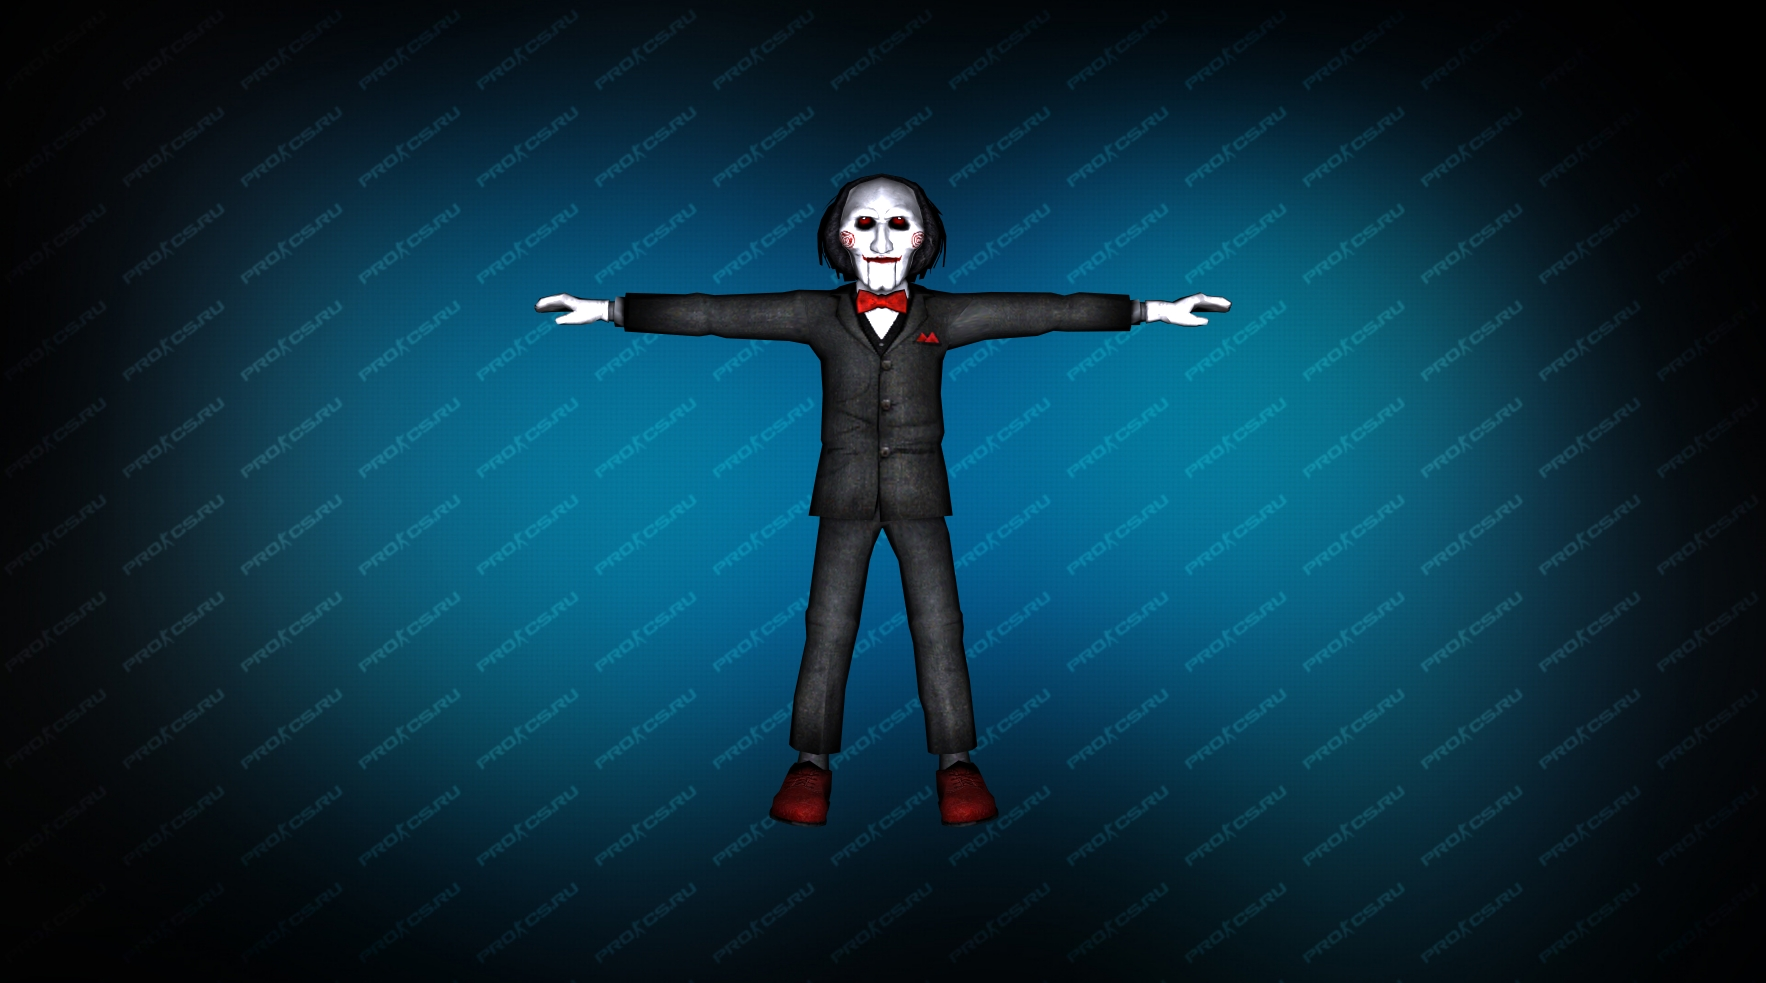 Модель игрока «Пила» вид спереди